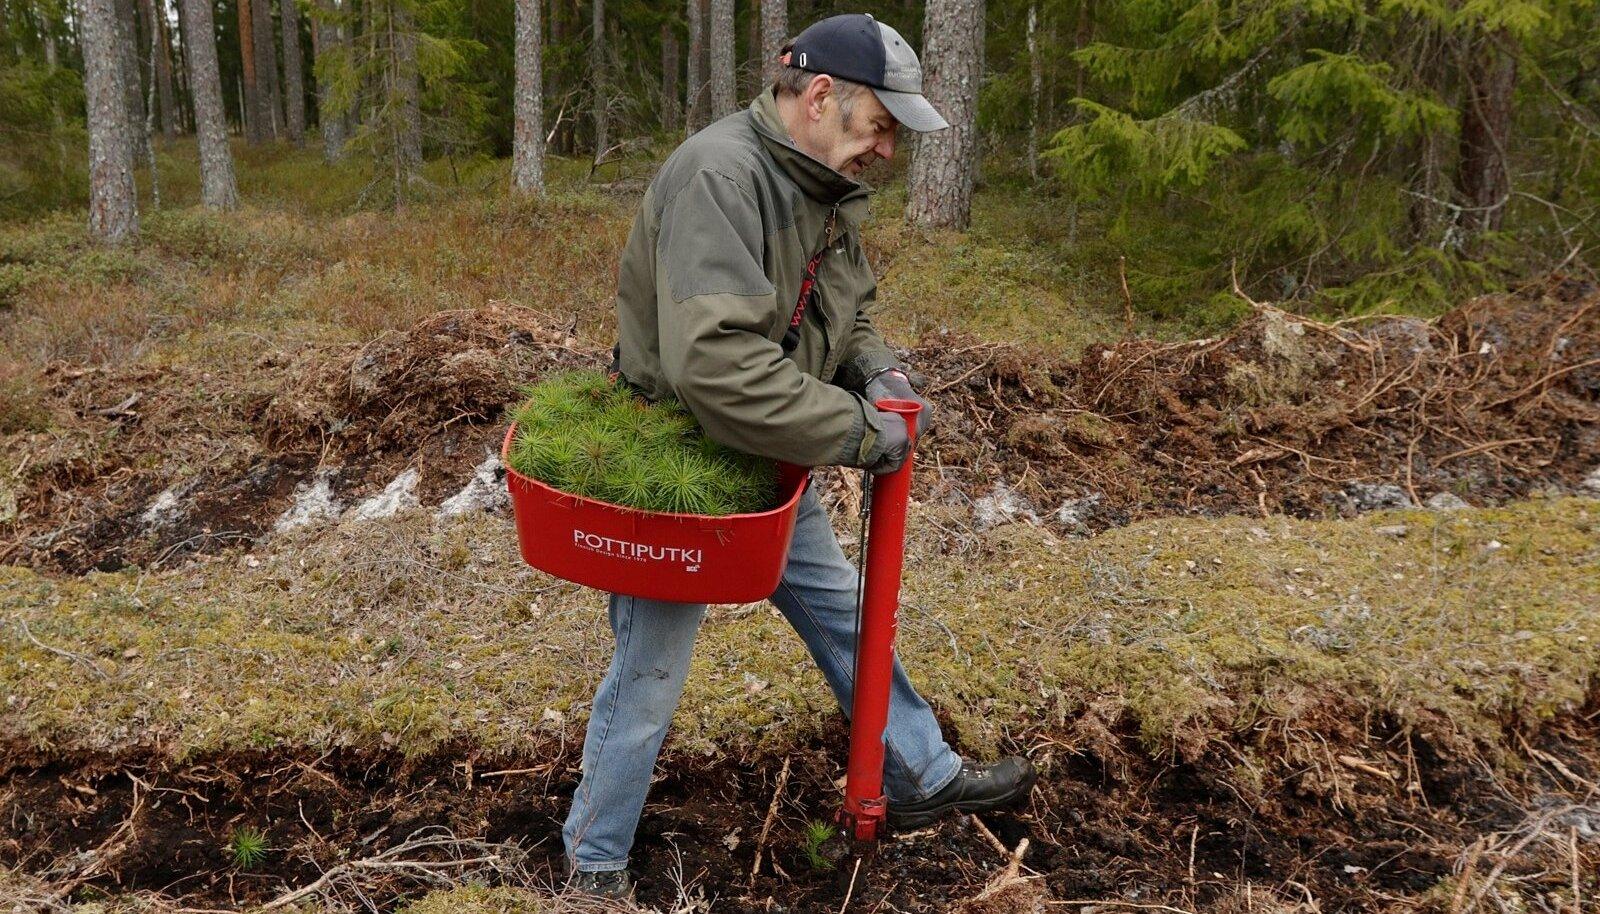 Eesti on üks metsarikkamaid maid – mets katab 52% meie maismaast.